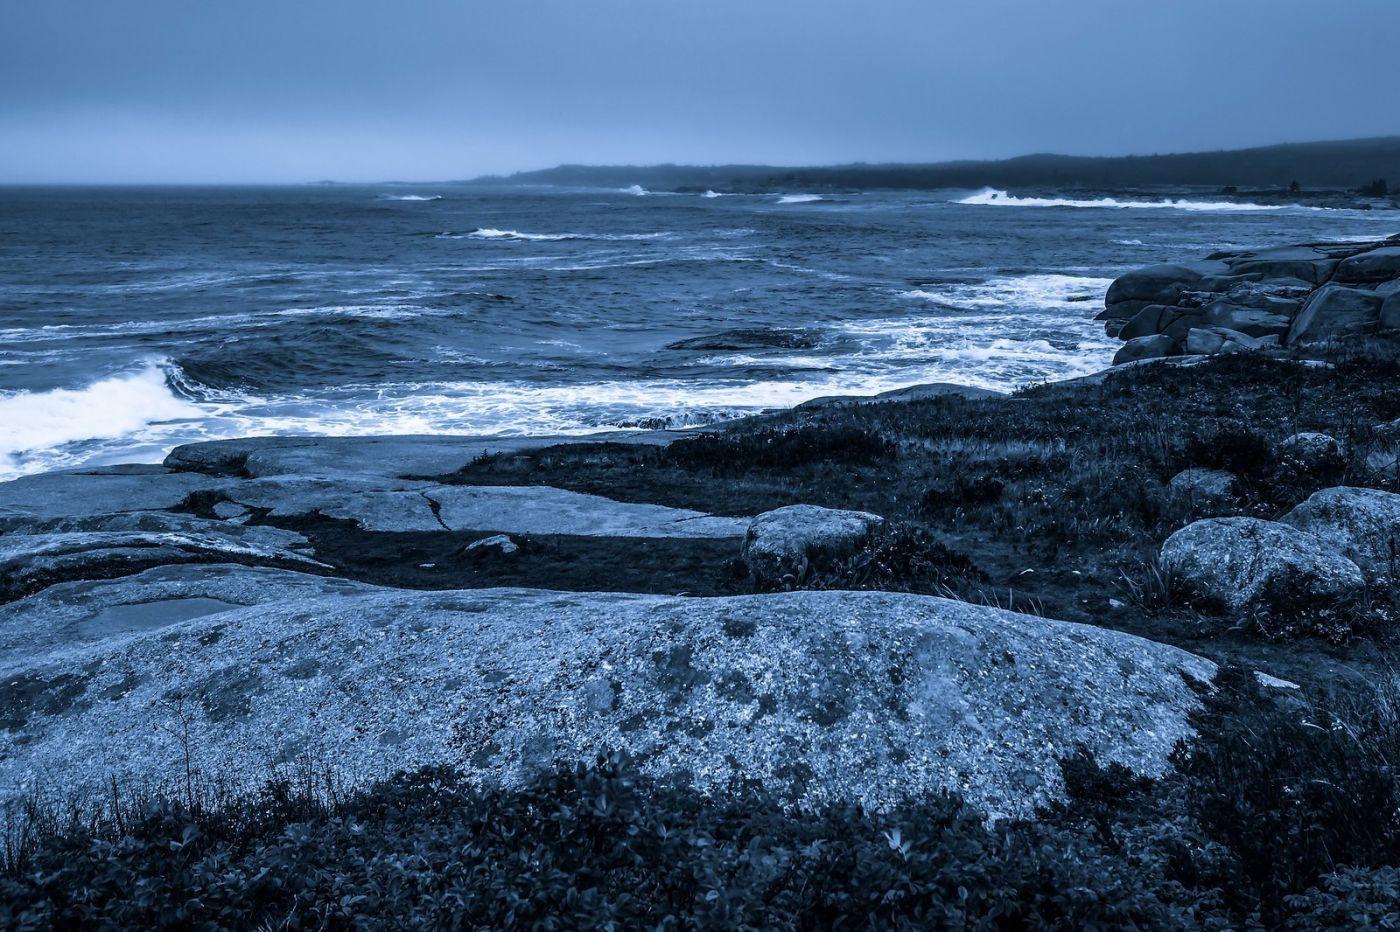 加拿大佩吉海湾(Peggys Cove),礁石上的灯塔_图1-13